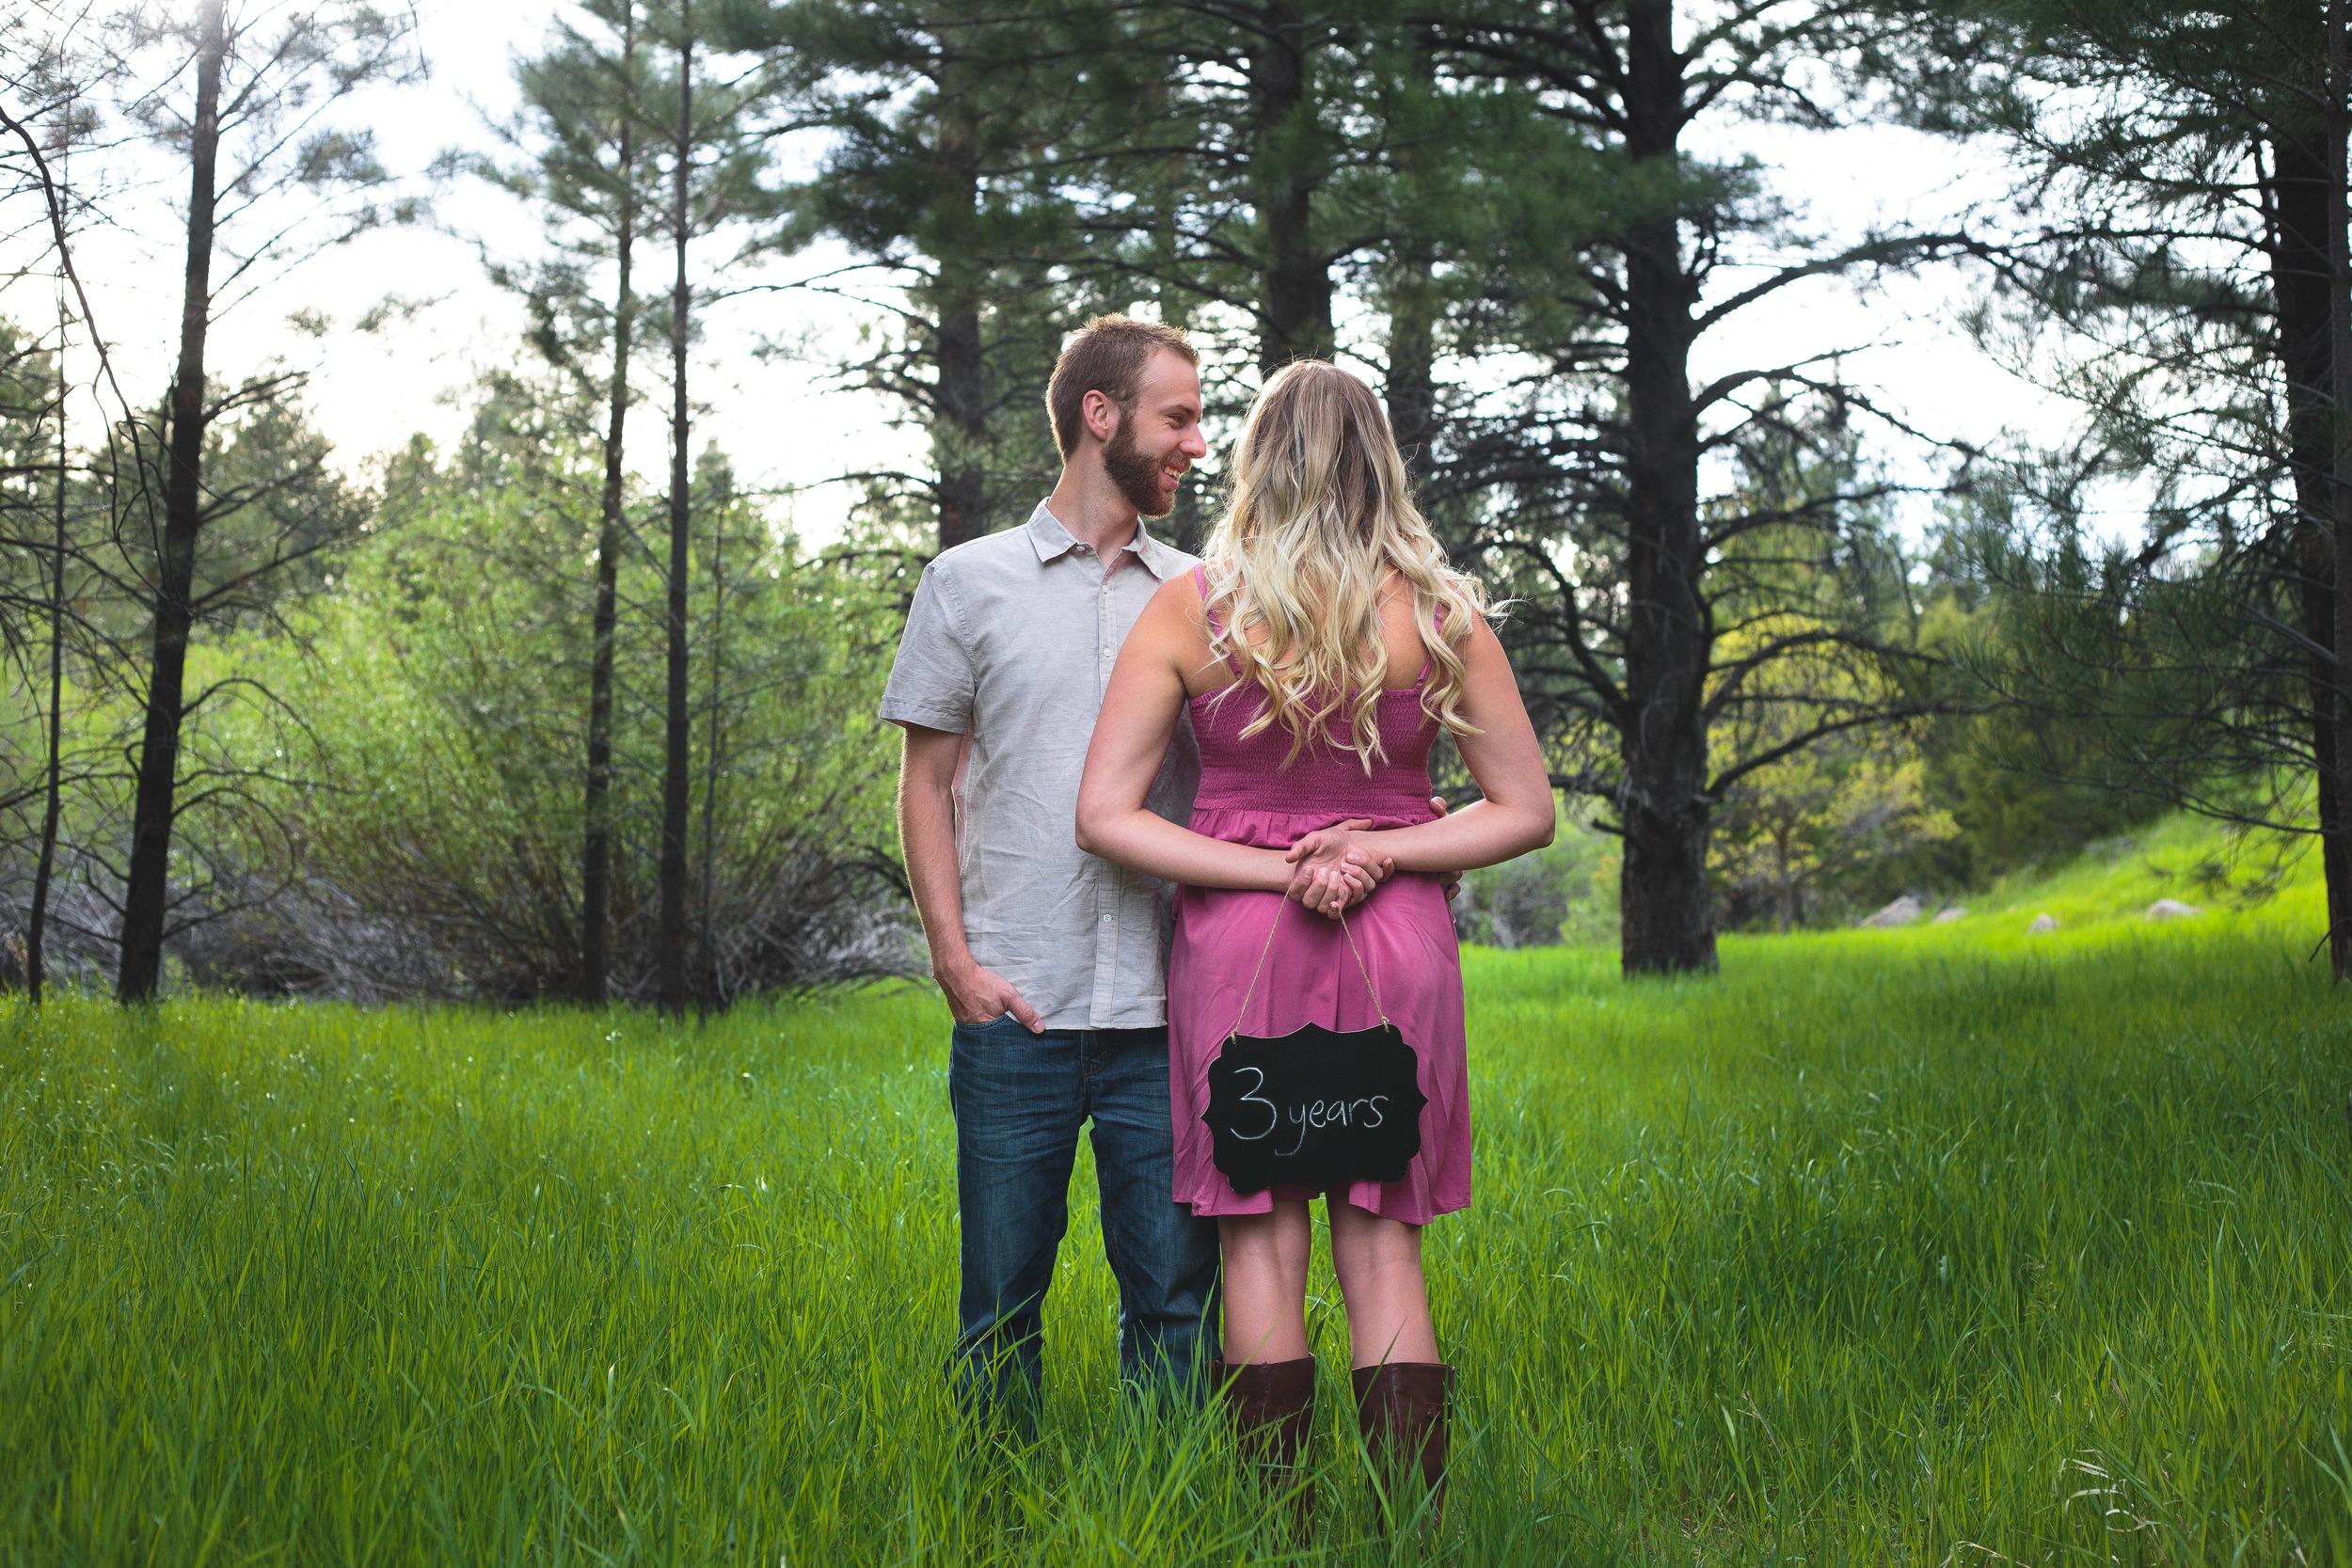 Three year anniversary photoshoot Pine Valley Utah